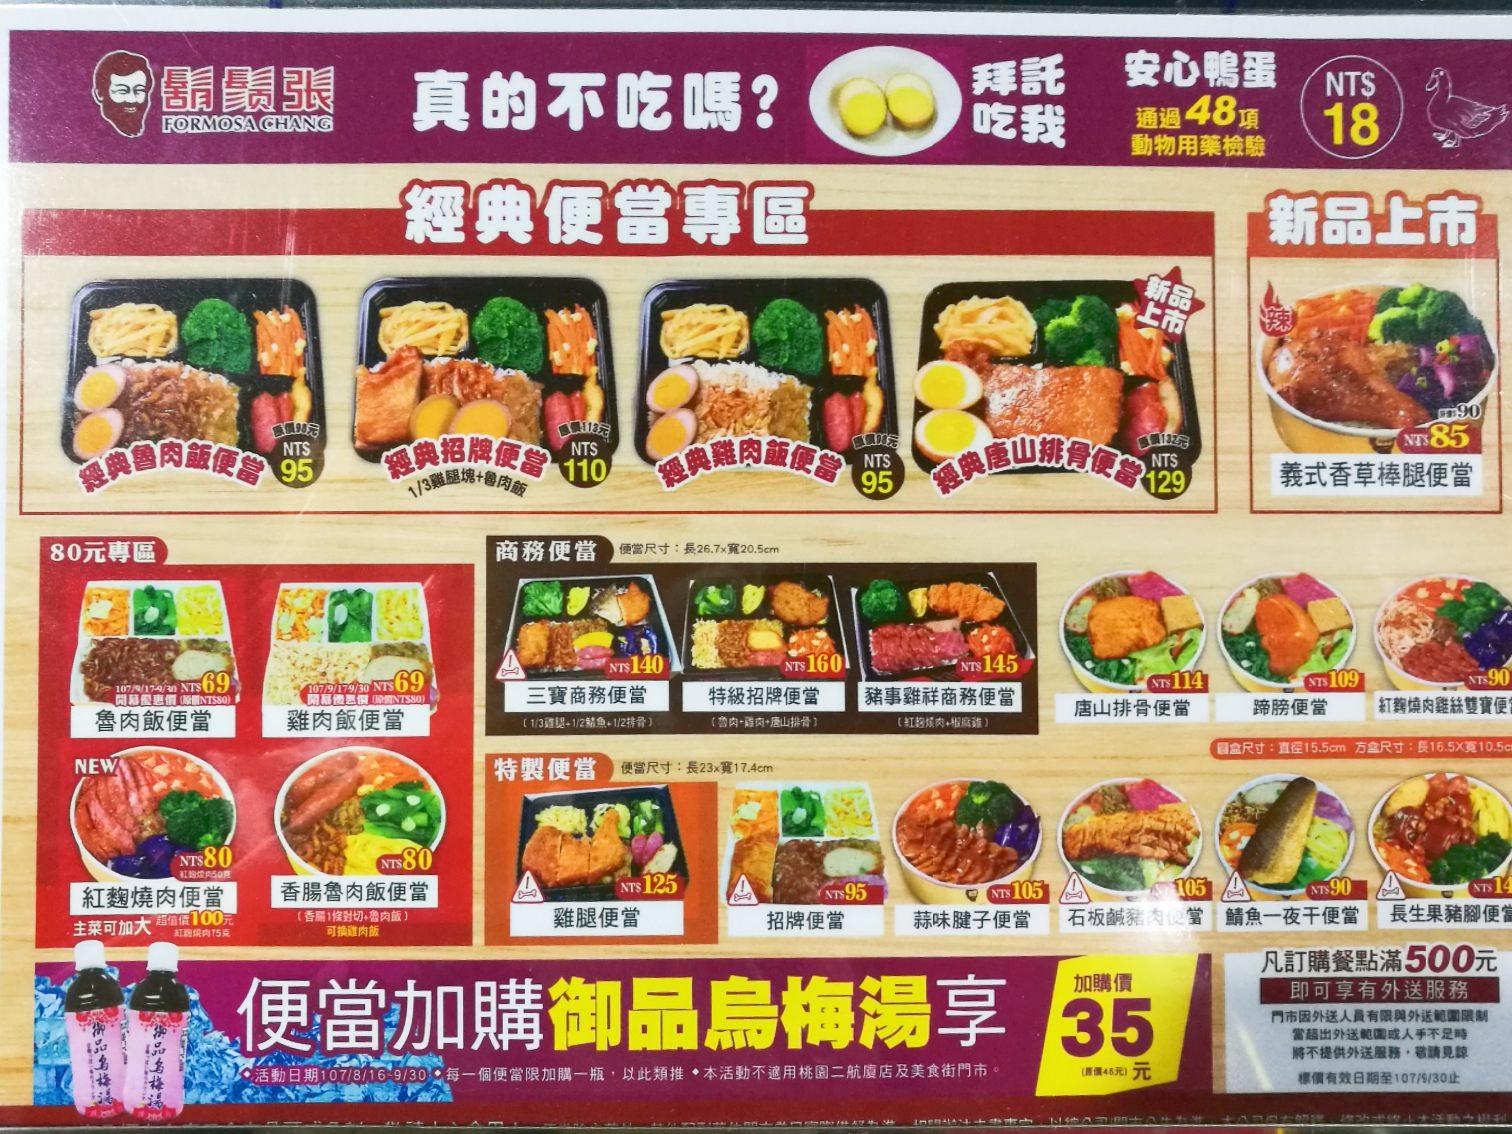 鬍鬚張魯肉飯台中一家接一家,最新西屯店開幕招牌魯肉飯特價25元